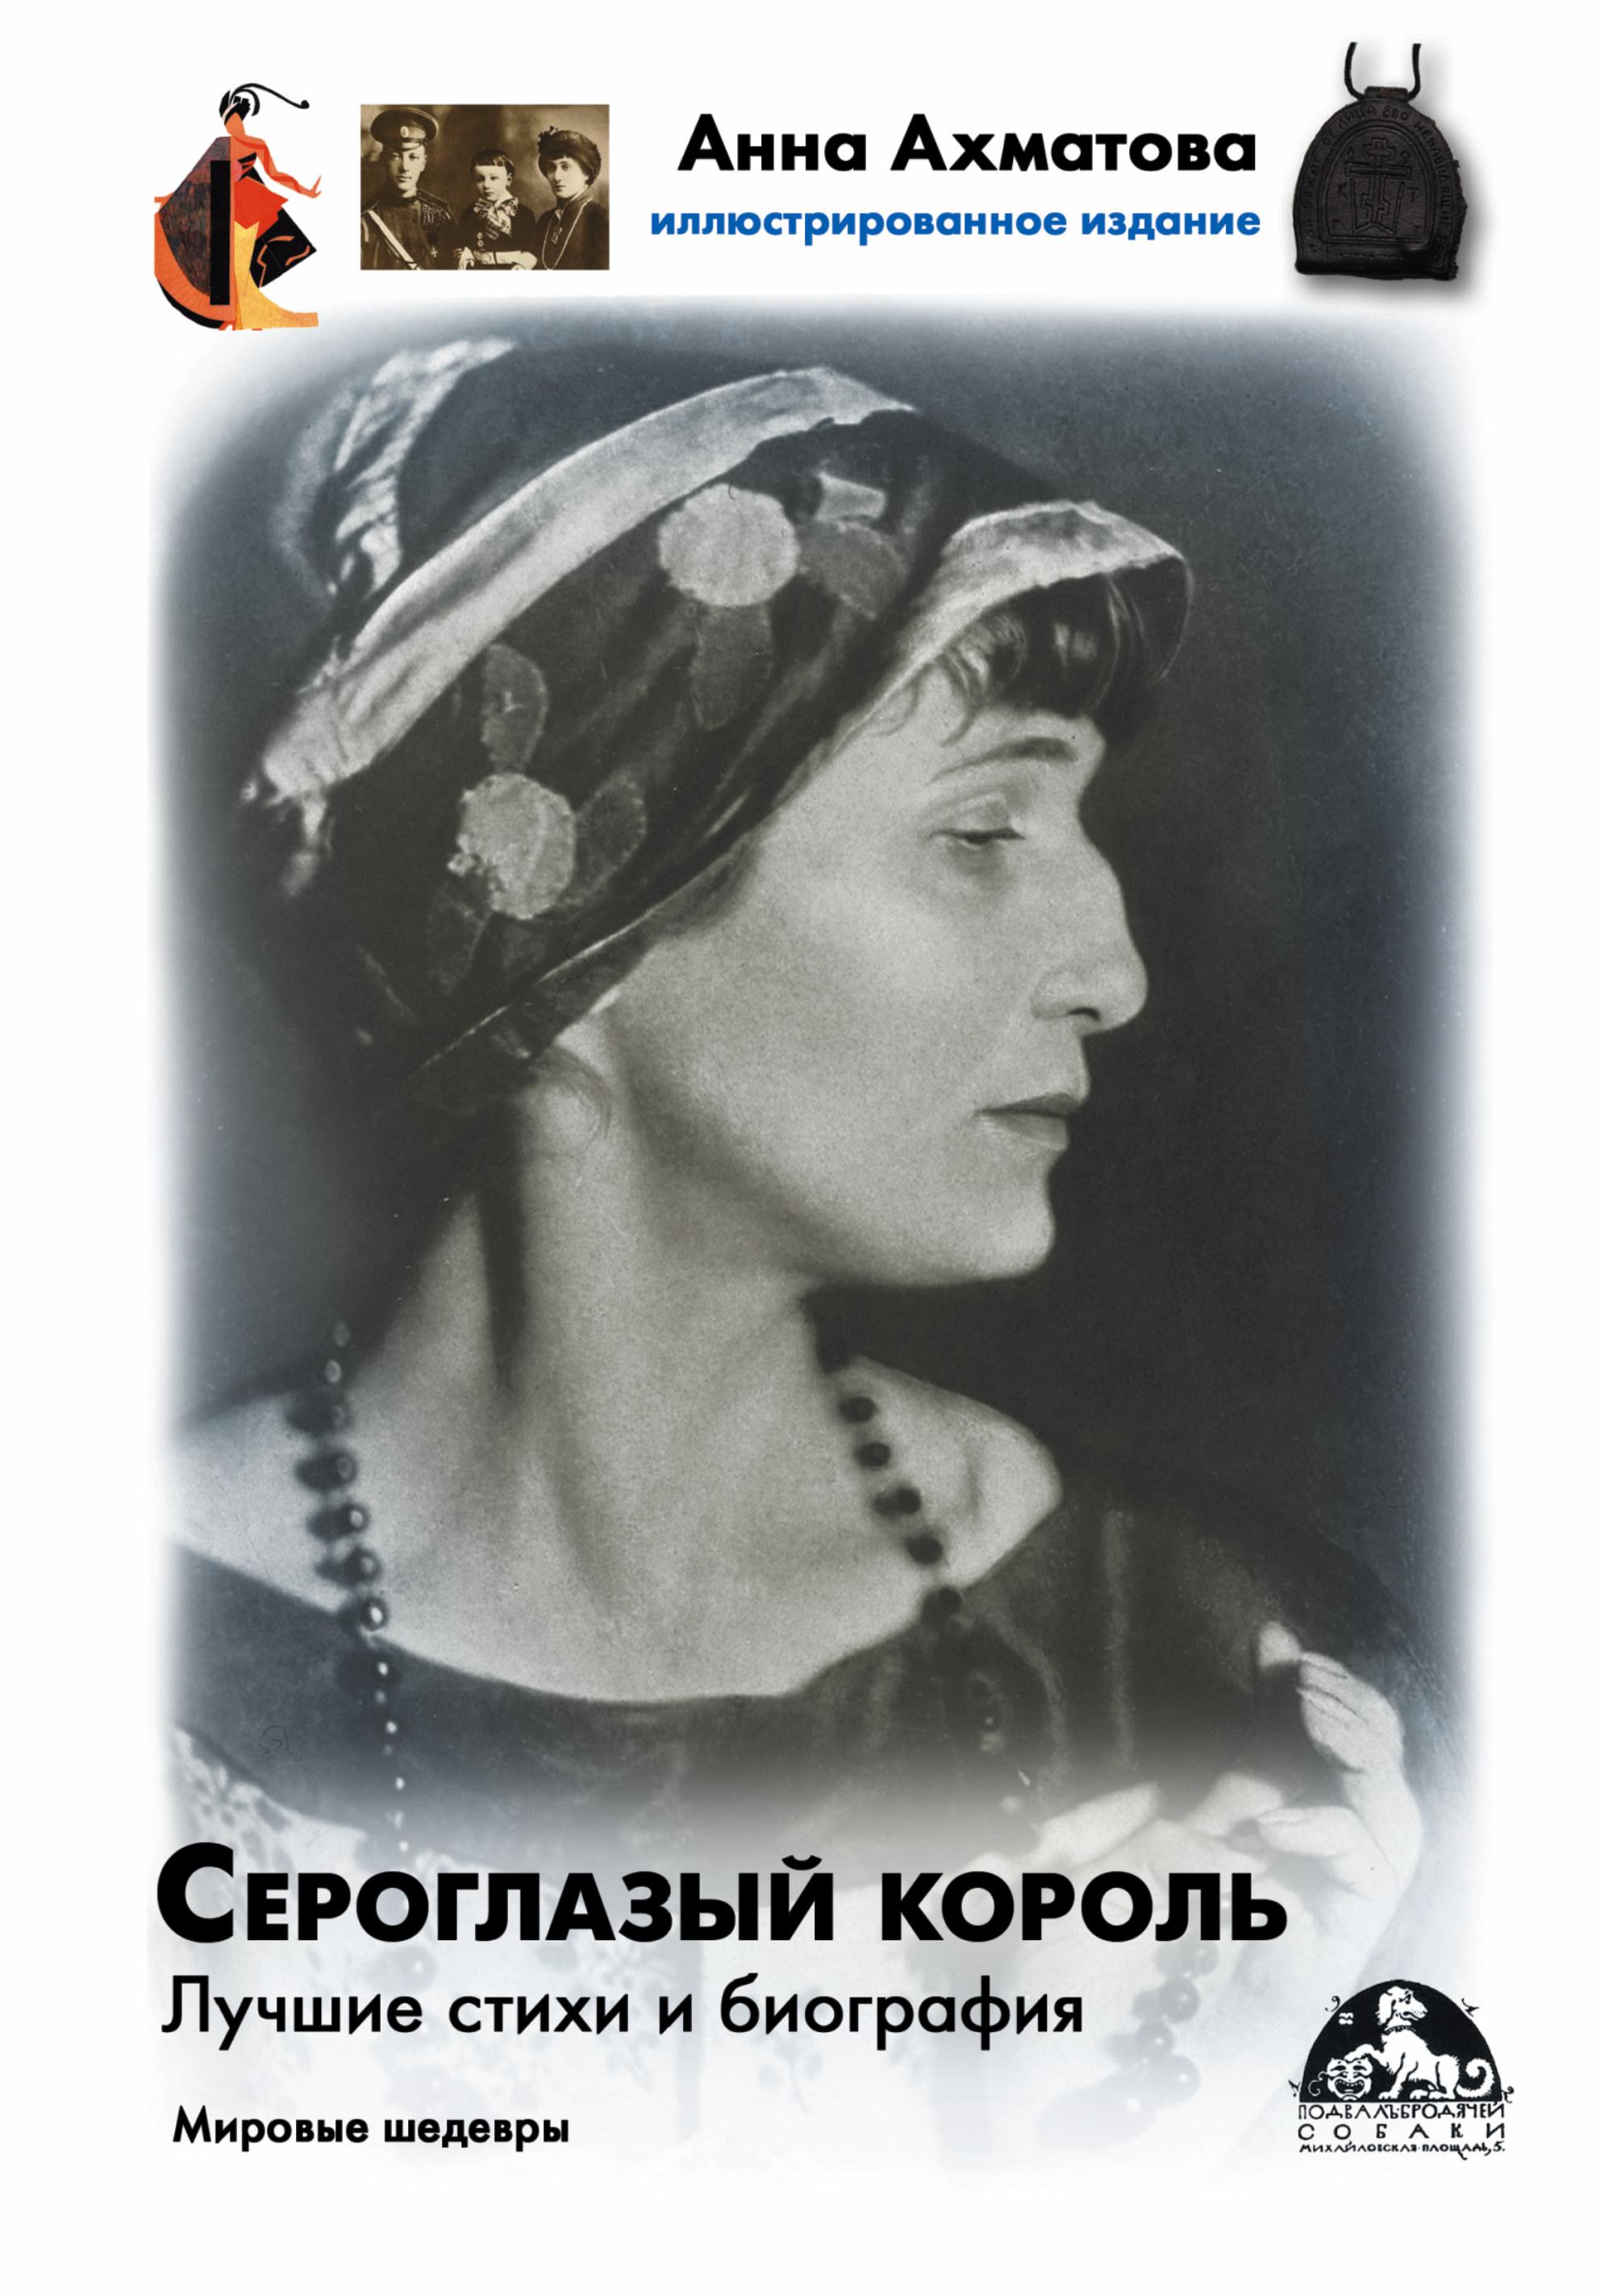 Ахматова Анна Андреевна Сероглазый король ахматова анна андреевна сероглазый король